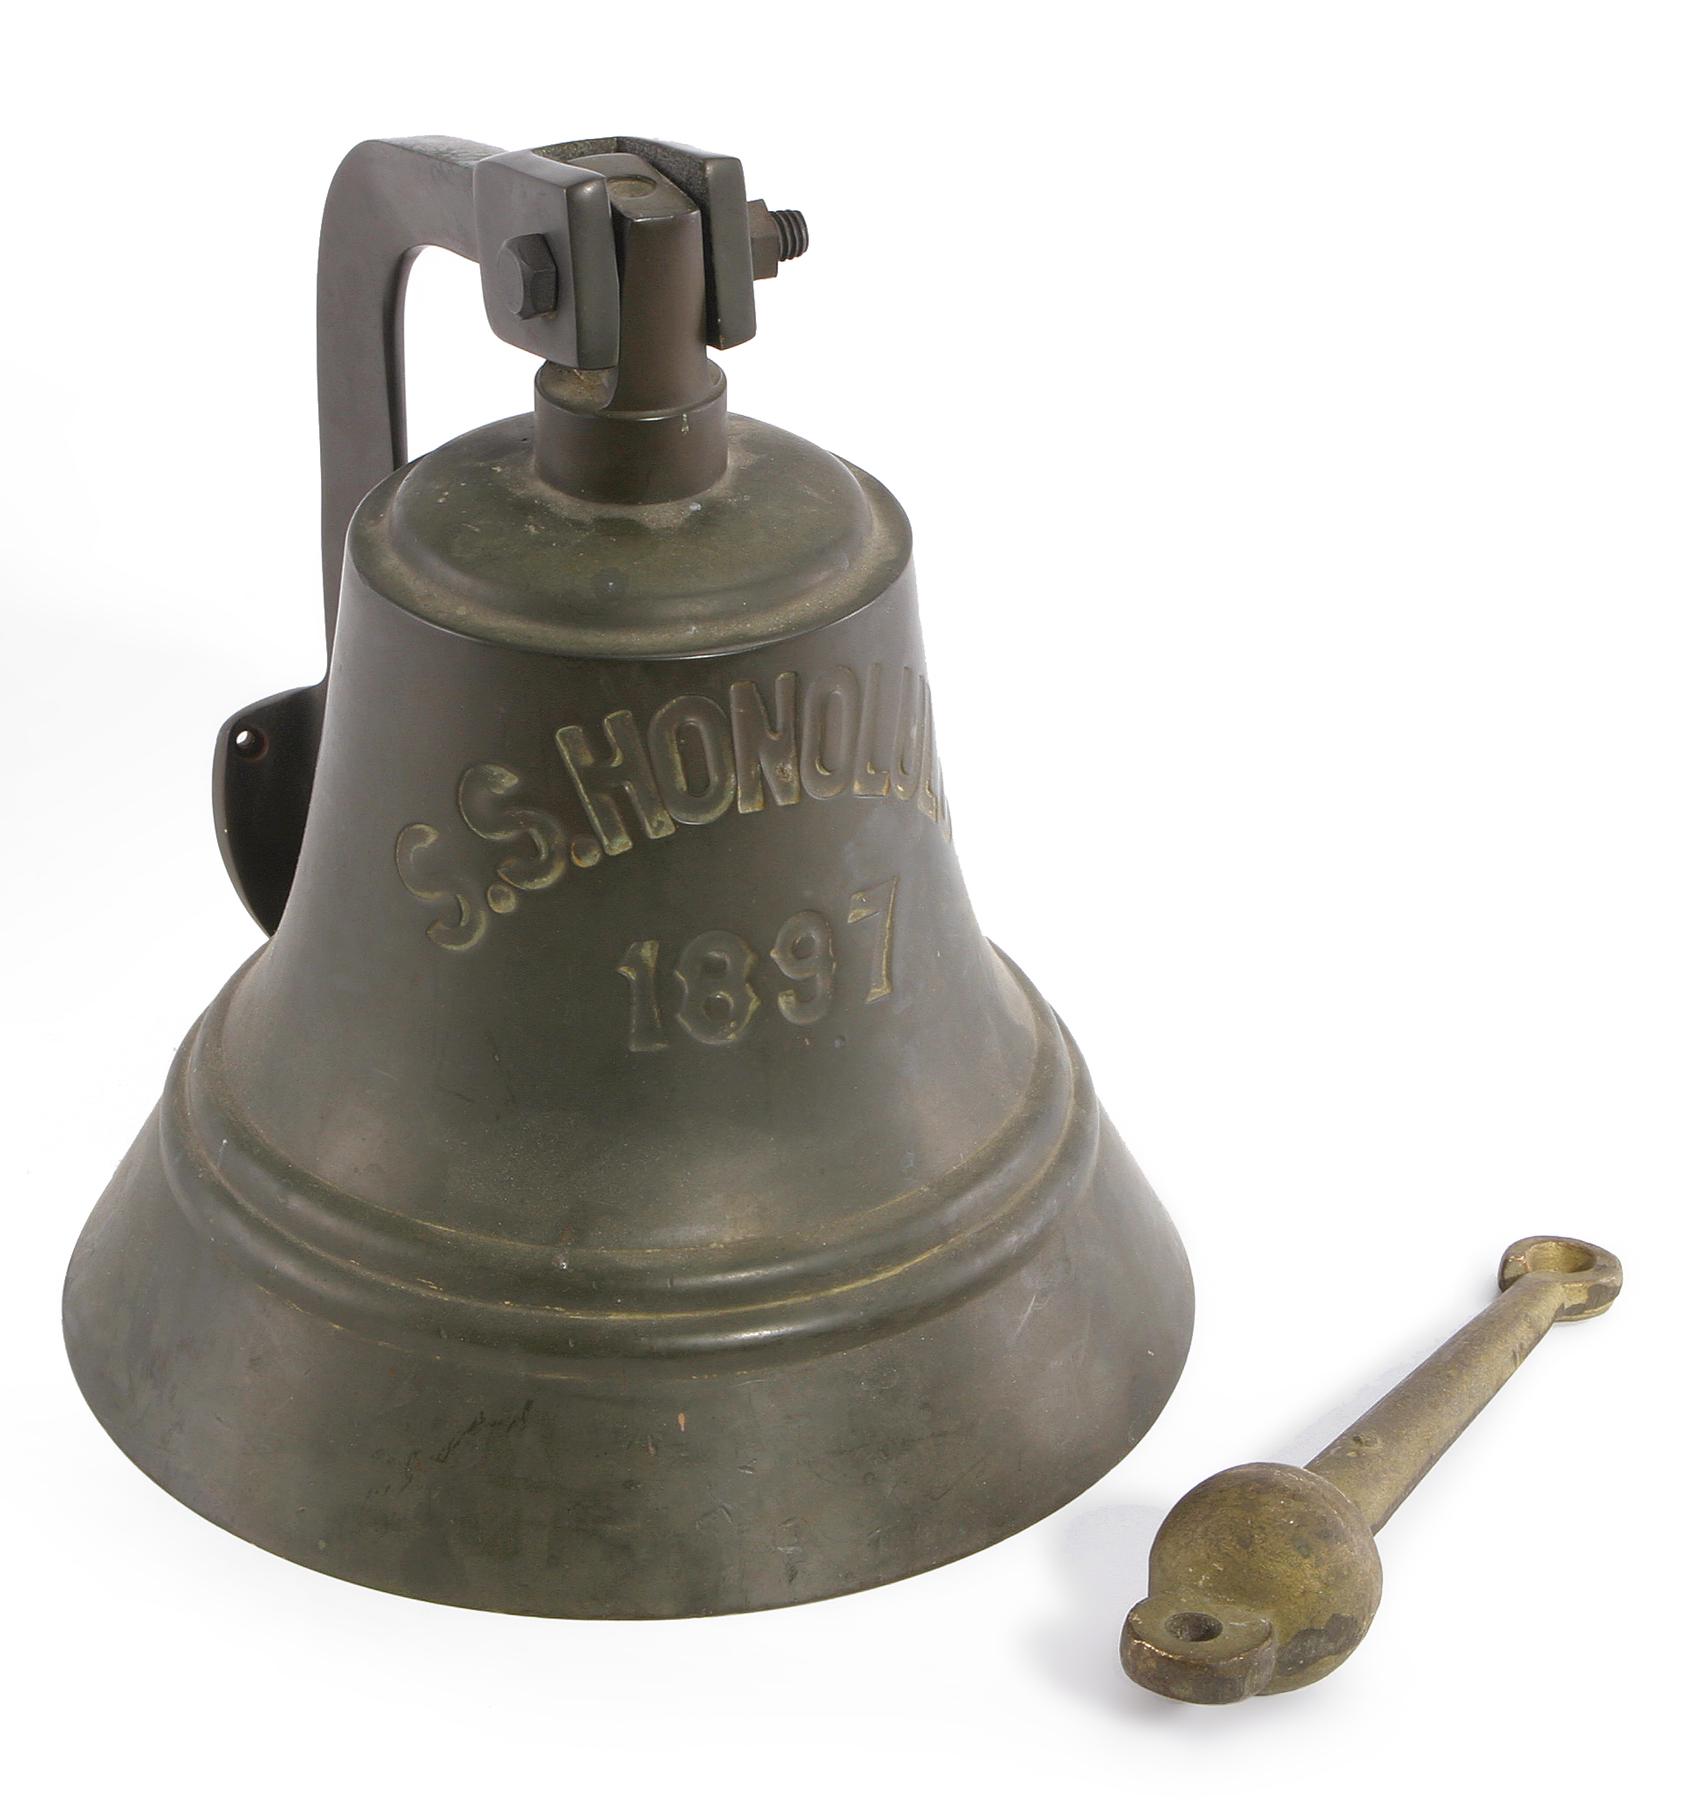 S. S. HONOLULU SHIP'S BELL.